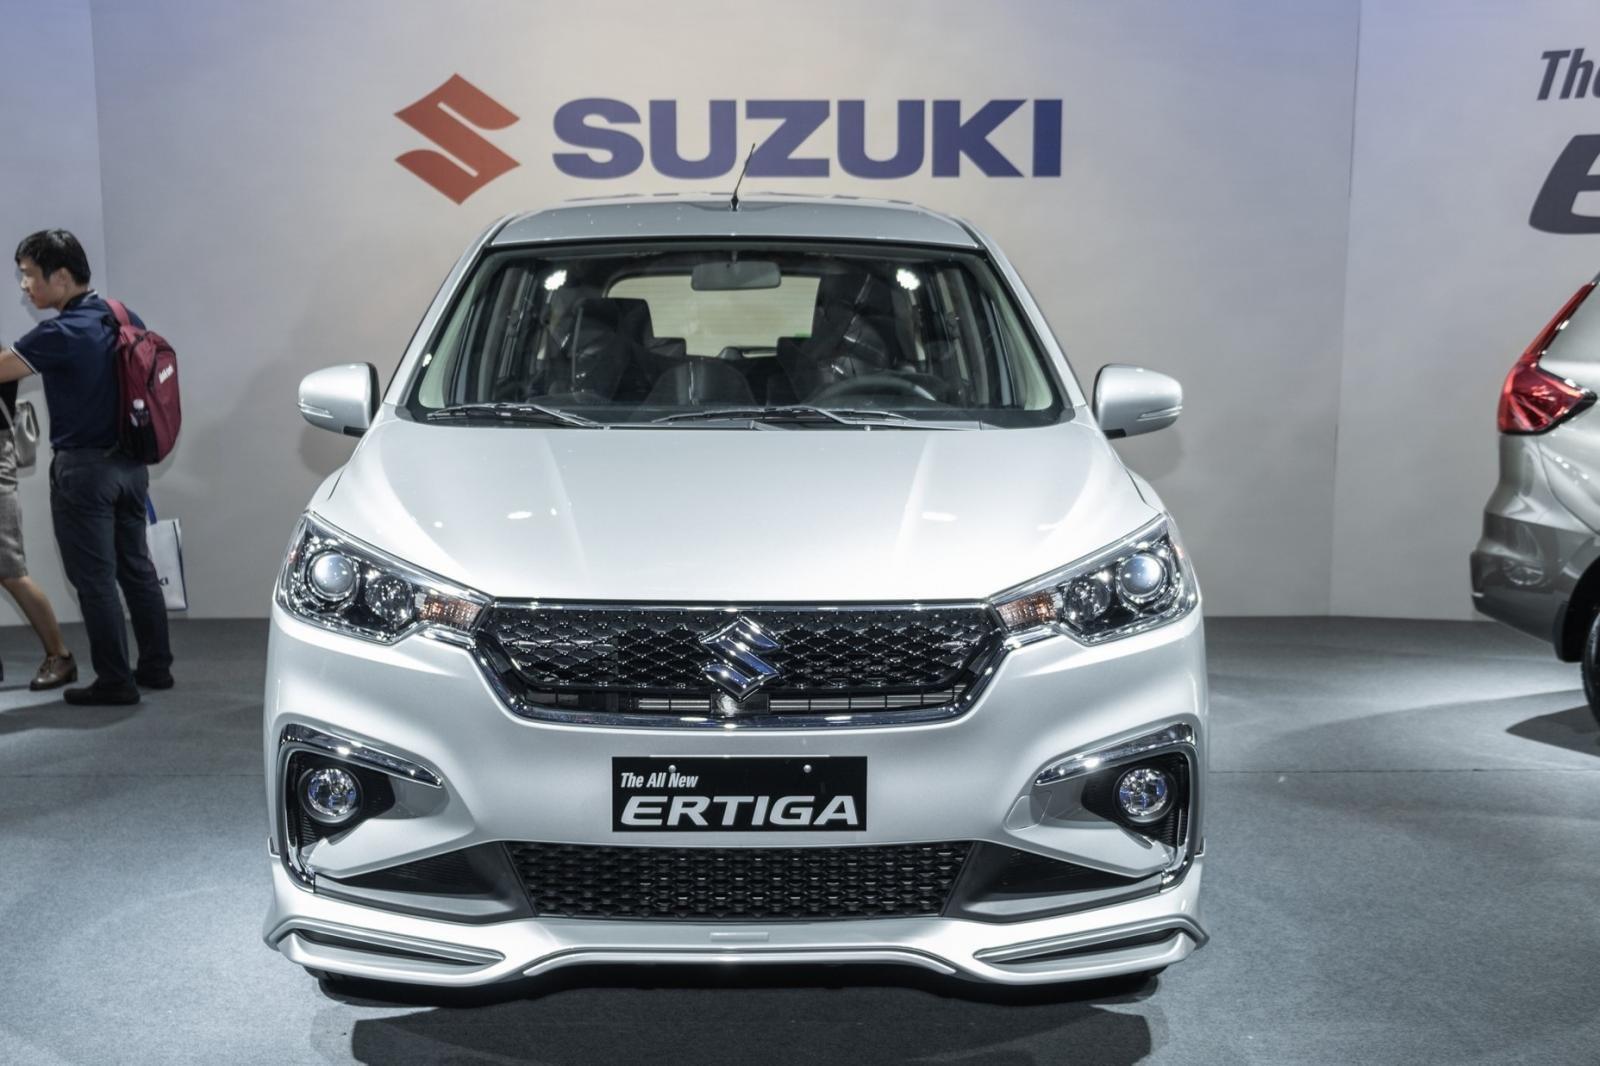 Cuối năm mới được giao xe, khách mua Suzuki Ertiga 2019 chờ dài cổ a1